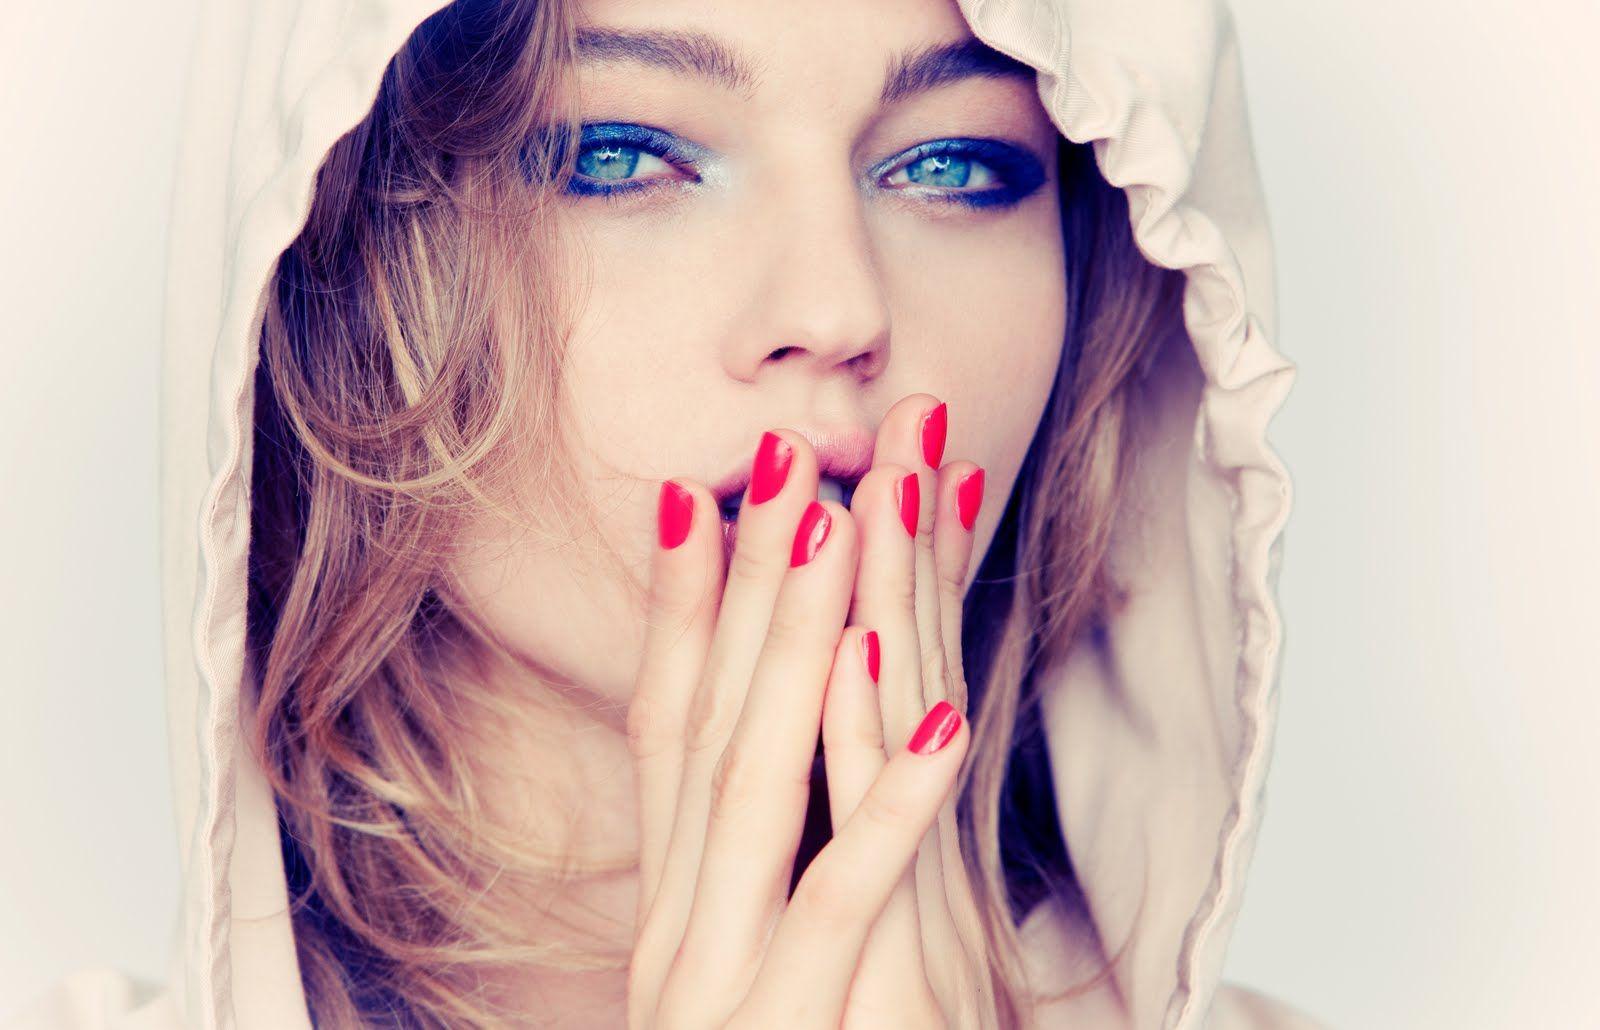 the Russian beauty Sasha Pivovarova